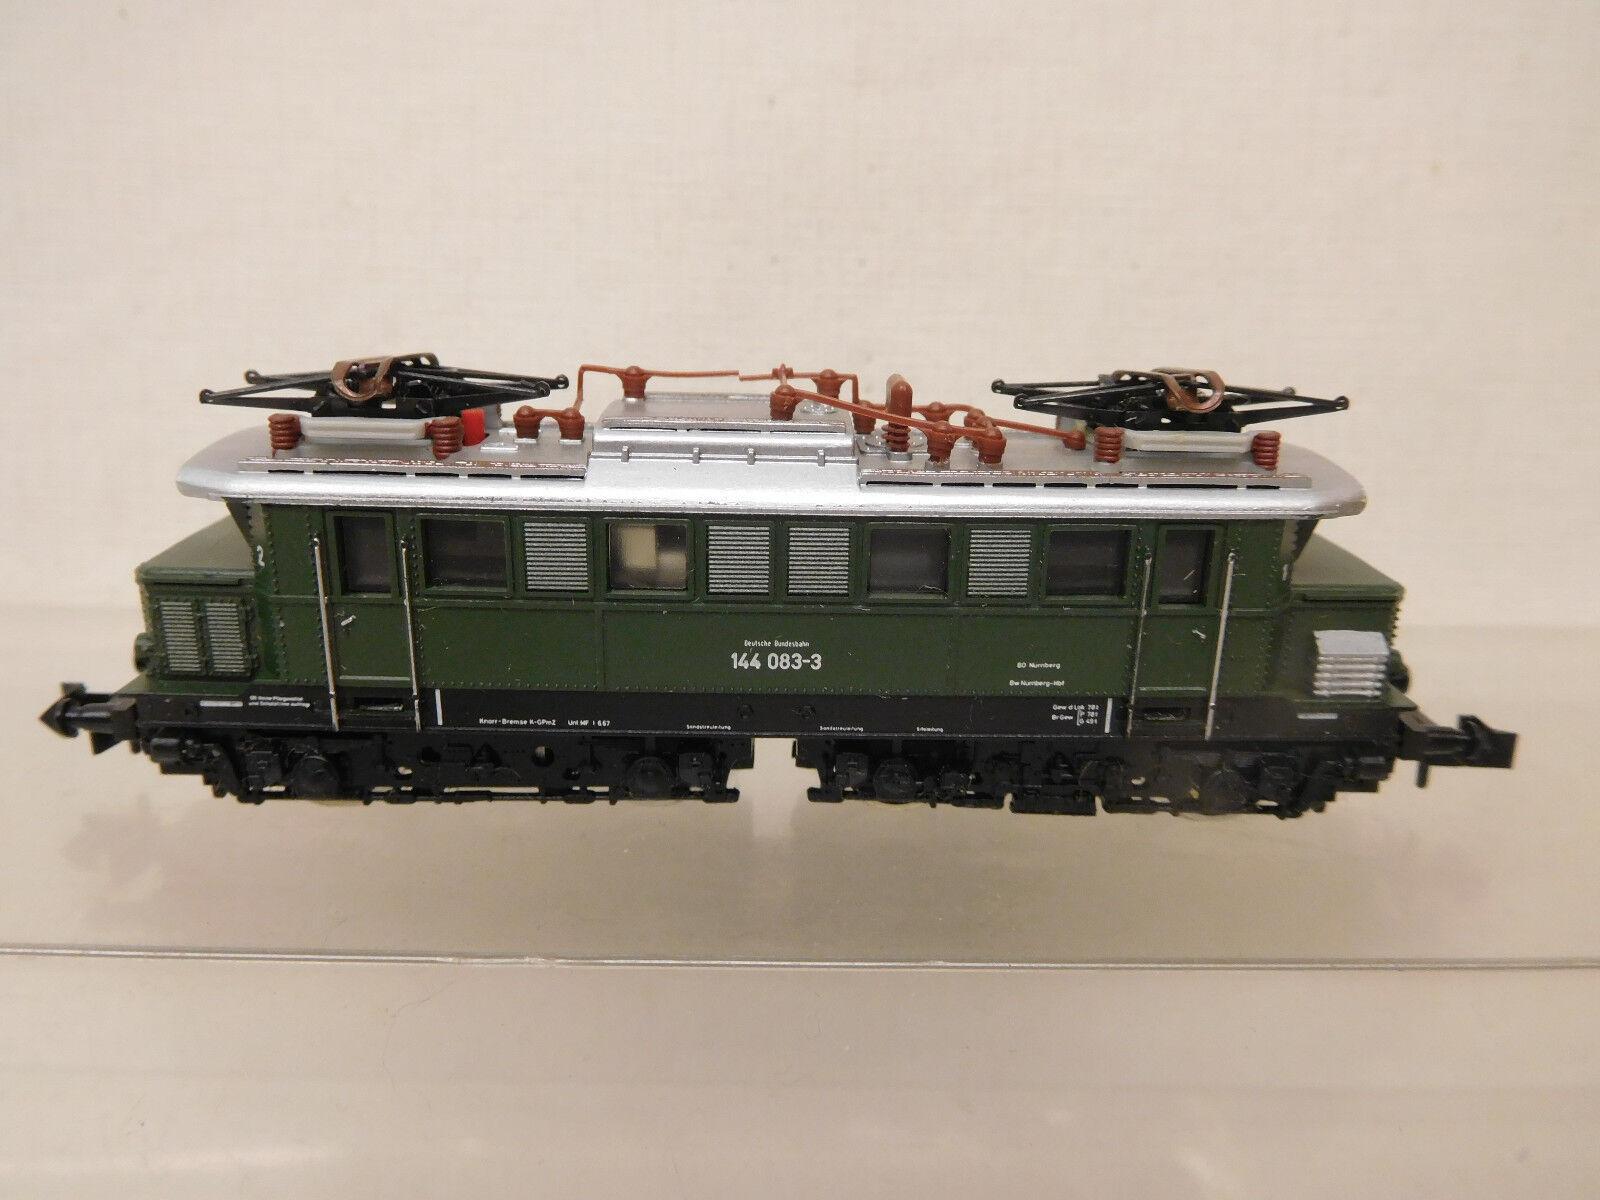 Mes-59444 Minitrix Spur N E-Lok DB 144 083-3 ottime condizioni, esaminato funzione